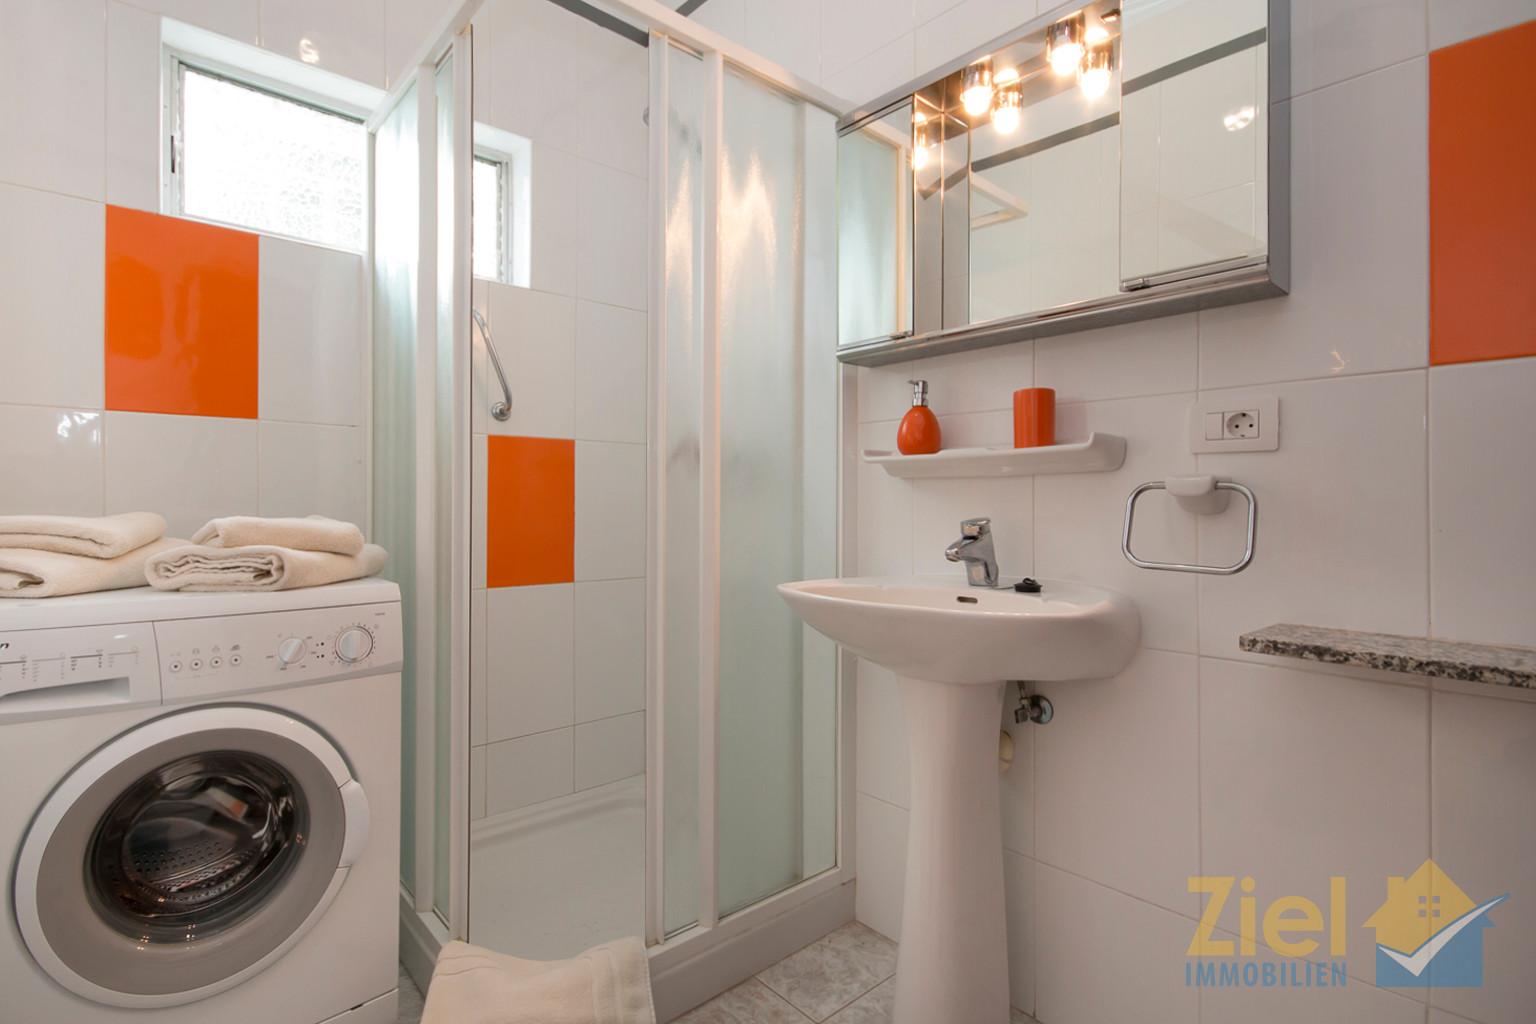 Duschbad mit eigener Waschmaschine